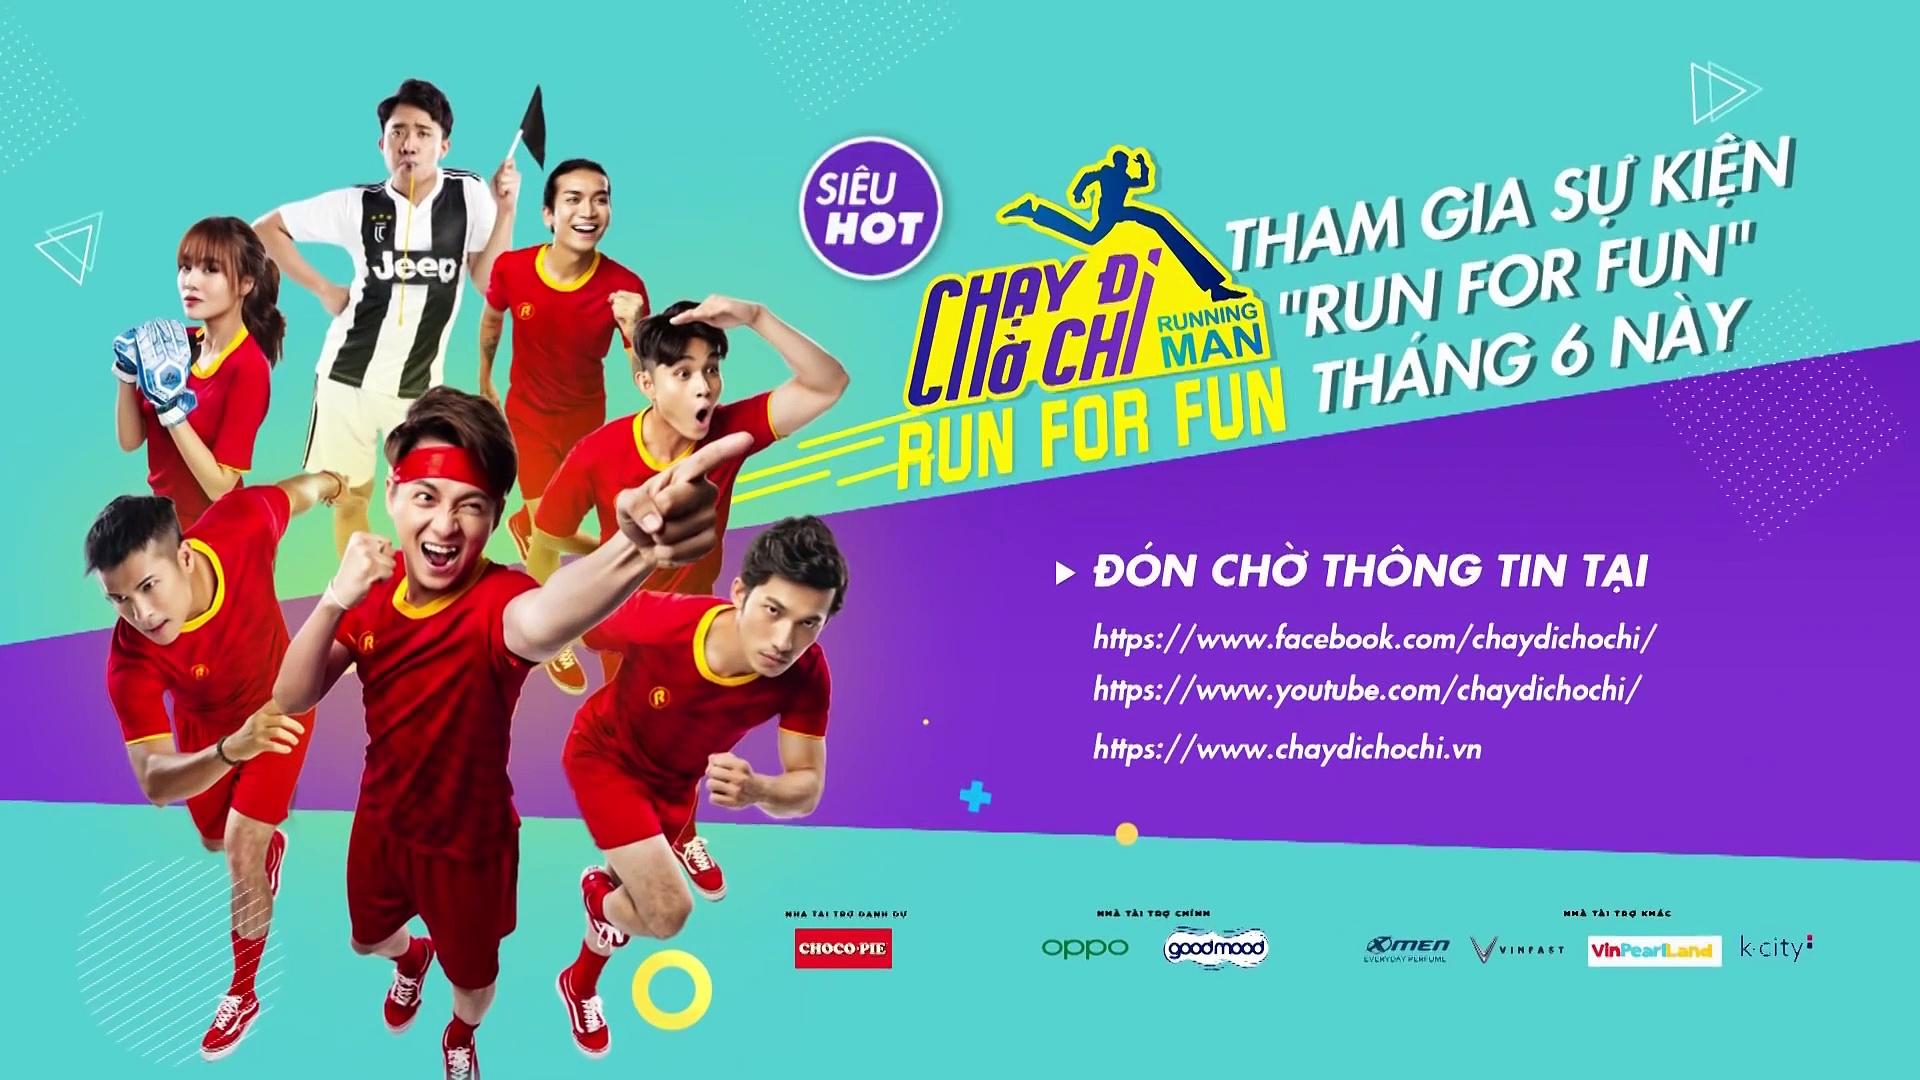 Hiền Hồ tham gia Running Man